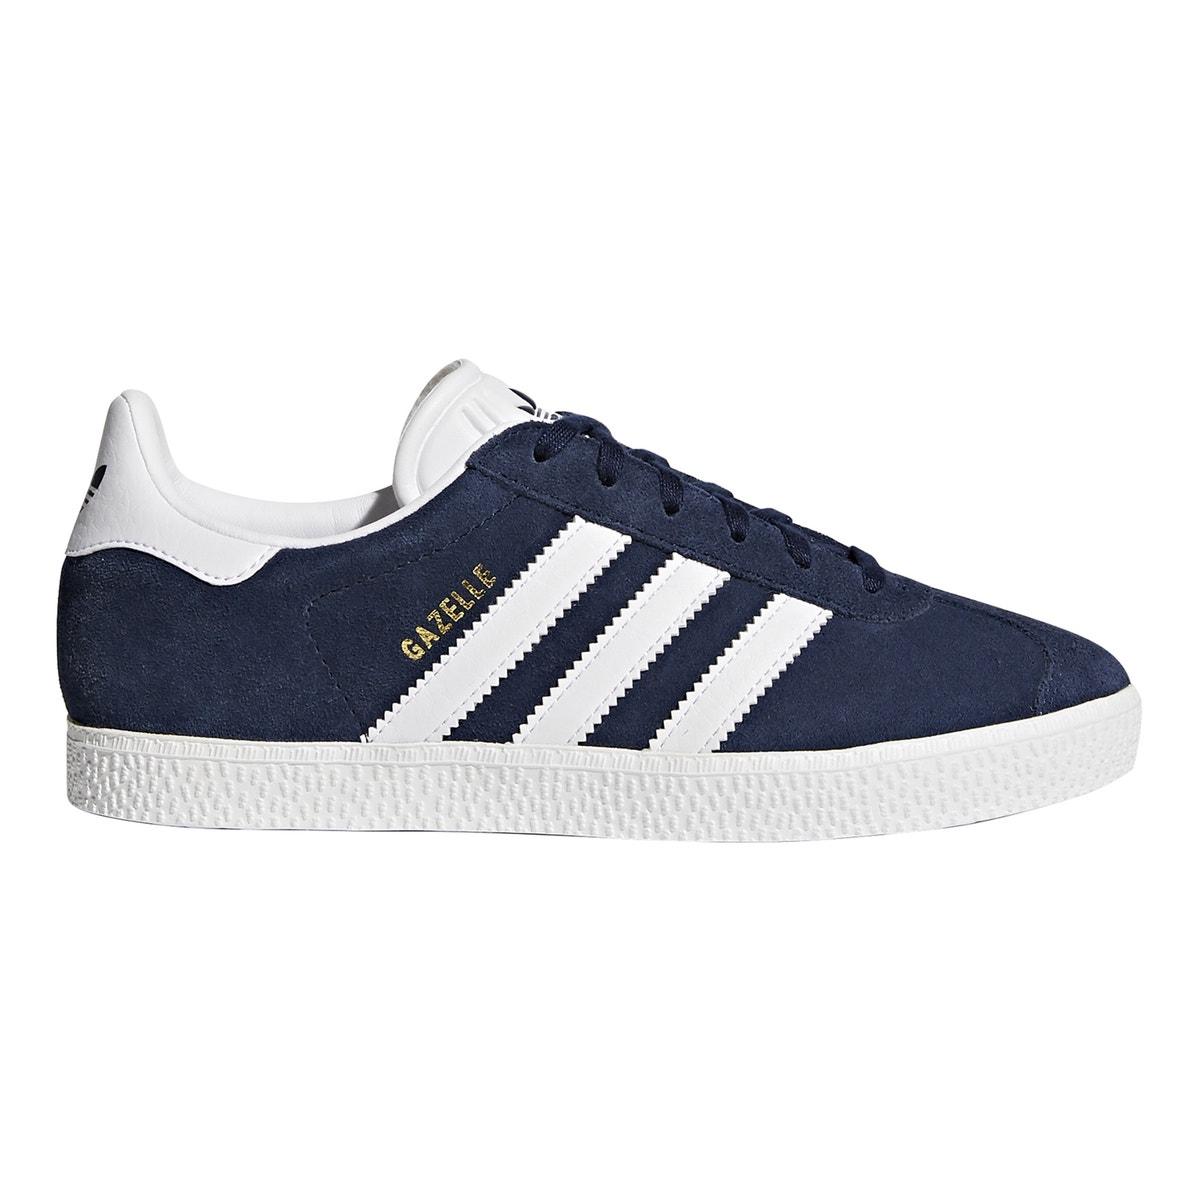 adidas Originals - Adidas Originals Gazelle 350126422 - 5821